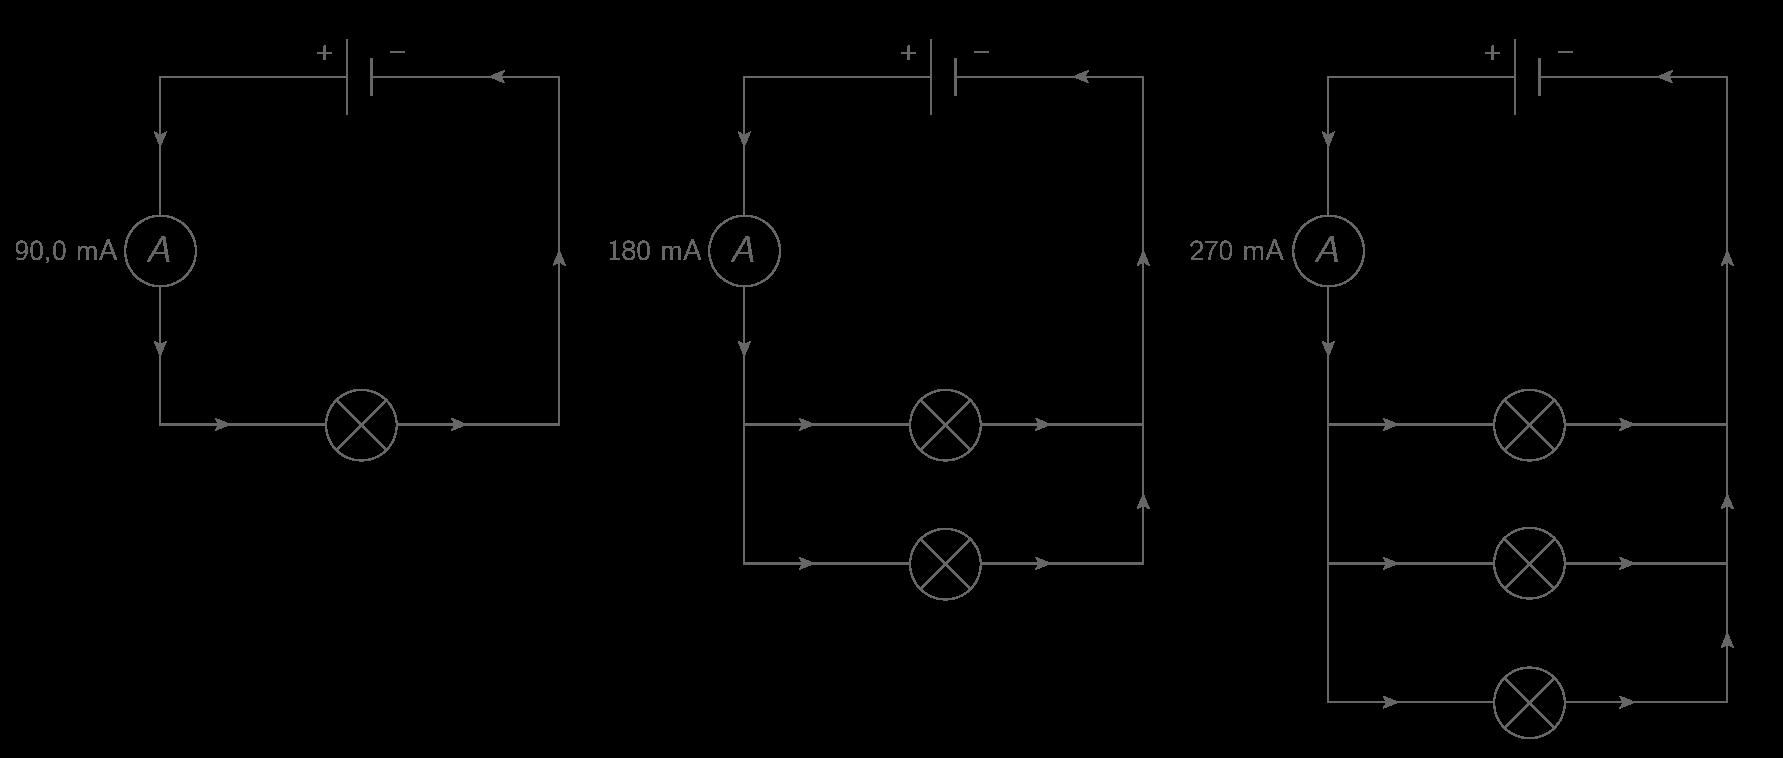 Influence du nombre de récepteurs branchés sur la même prise